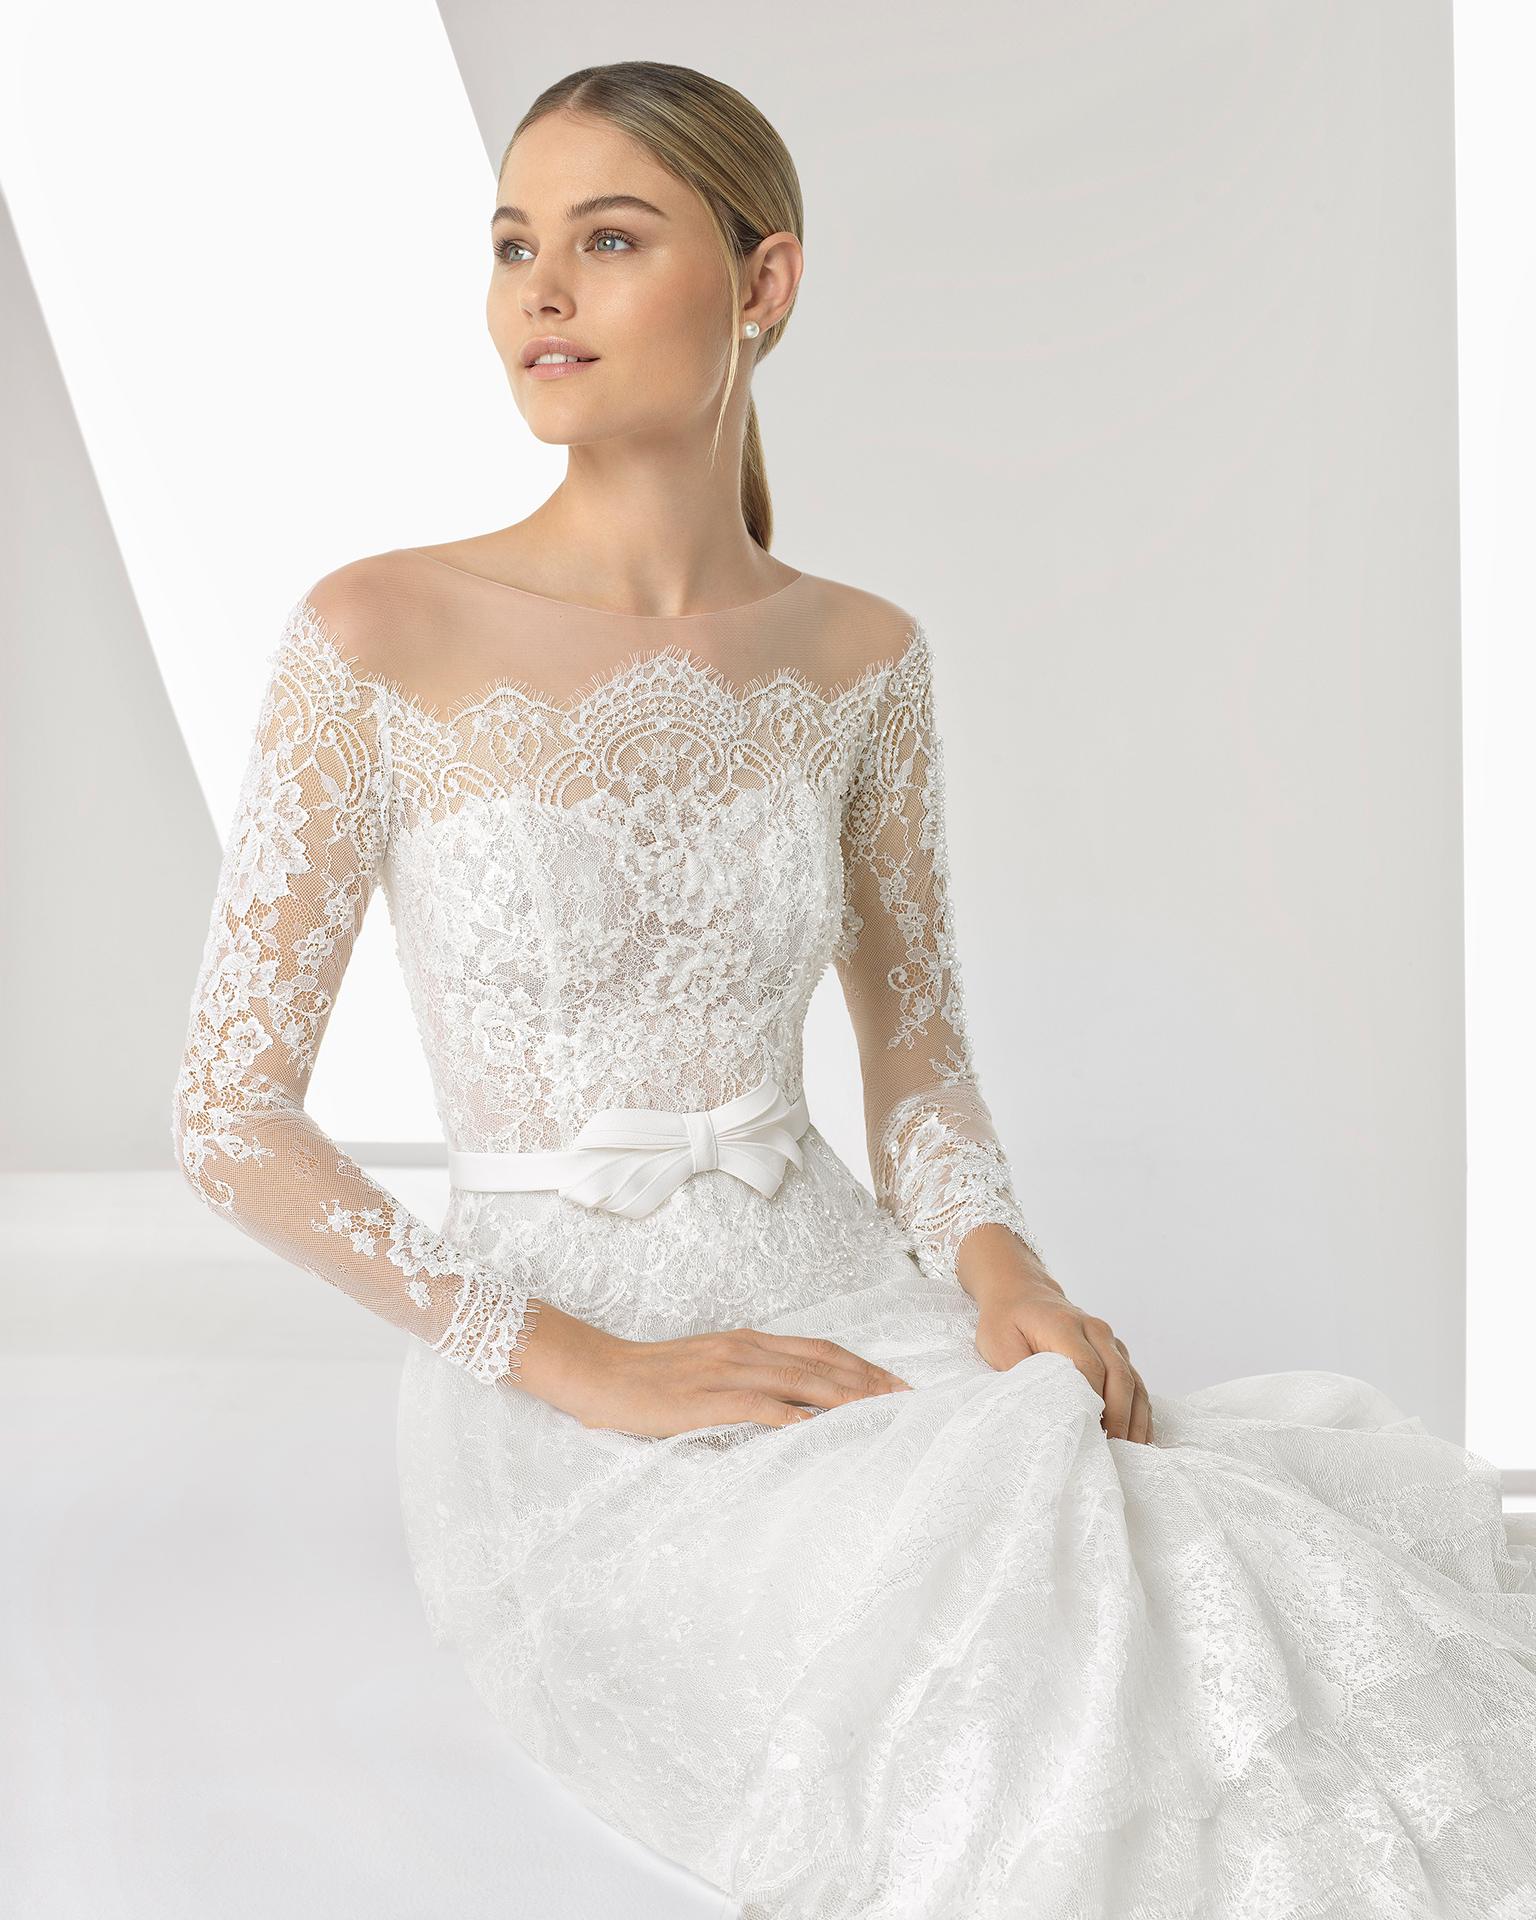 Brautkleid Brautmode Hochzeitskleid Hochzeitsblume Hannover Langarm